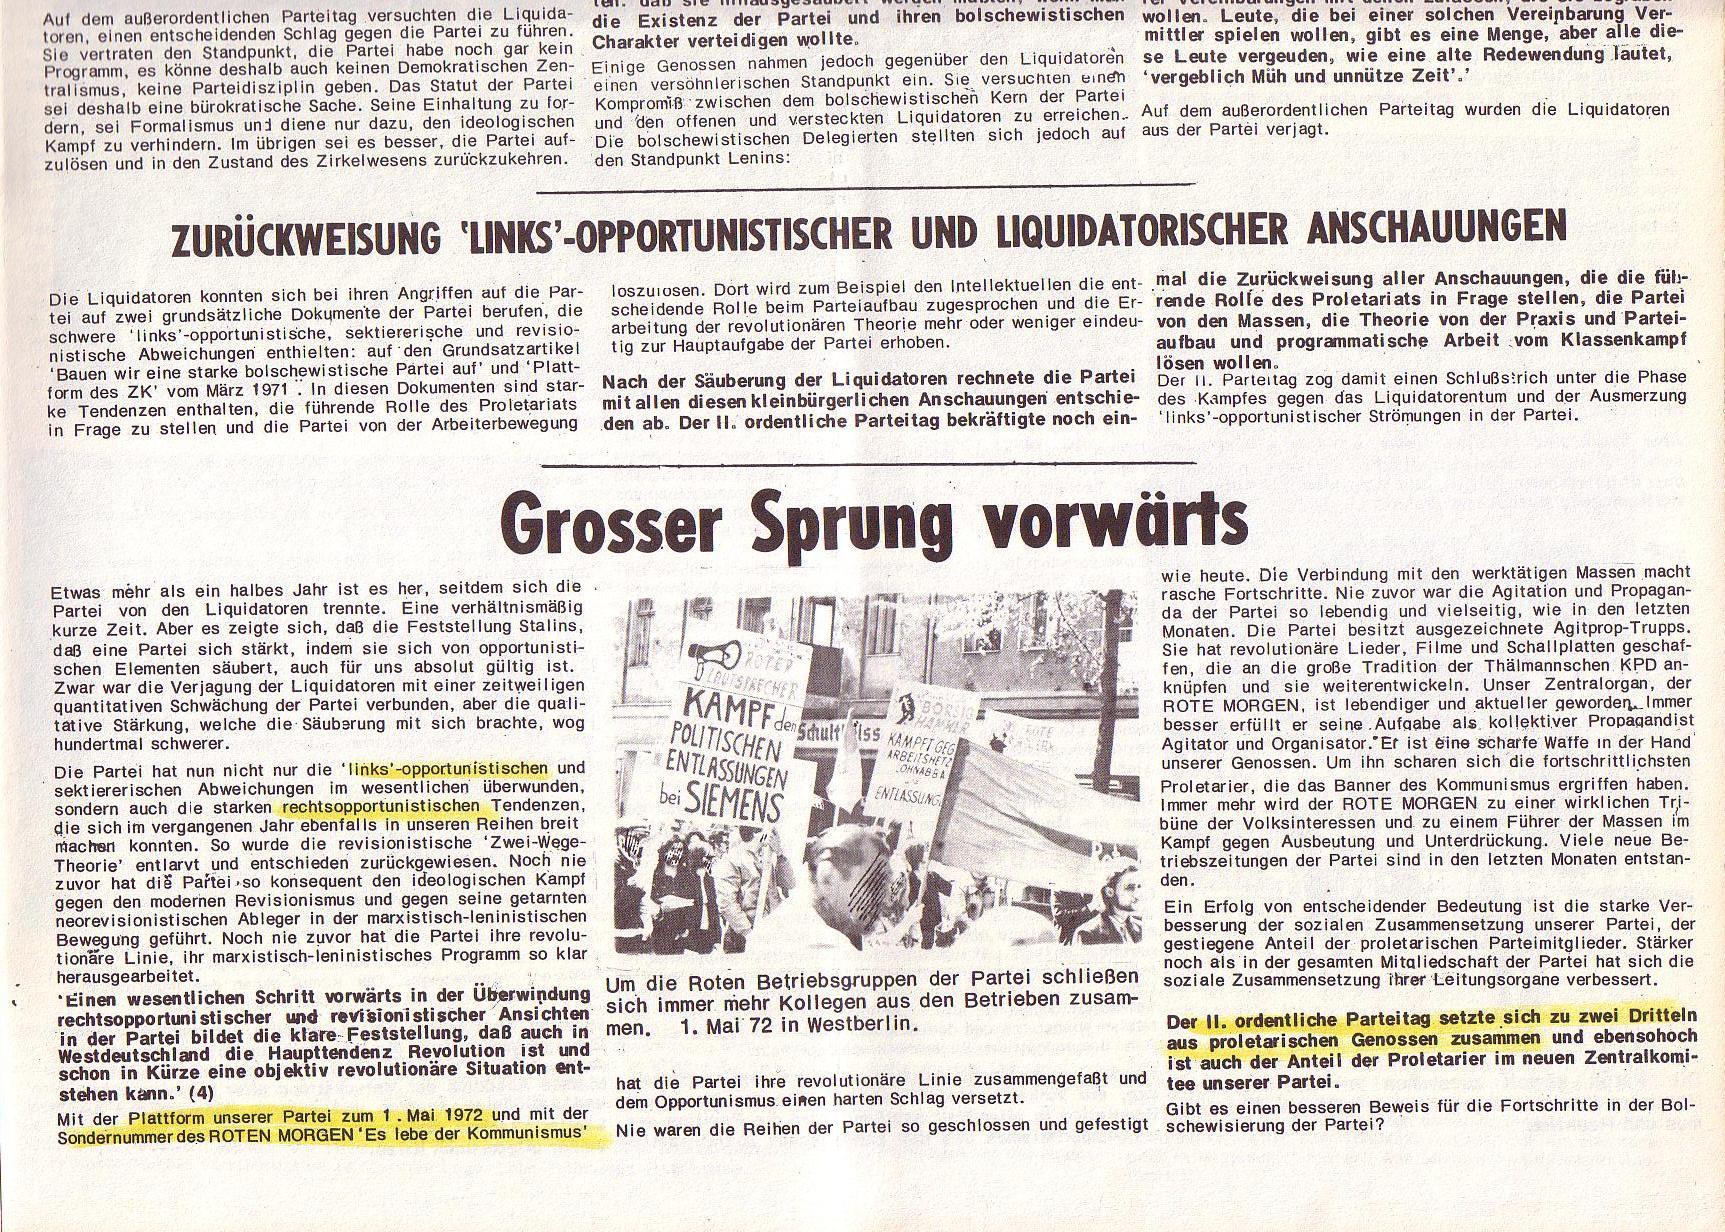 Roter Morgen, 6. Jg., Juli 1972, Sonderbeilage zum II. ordentlichen Parteitag, Seite 3b